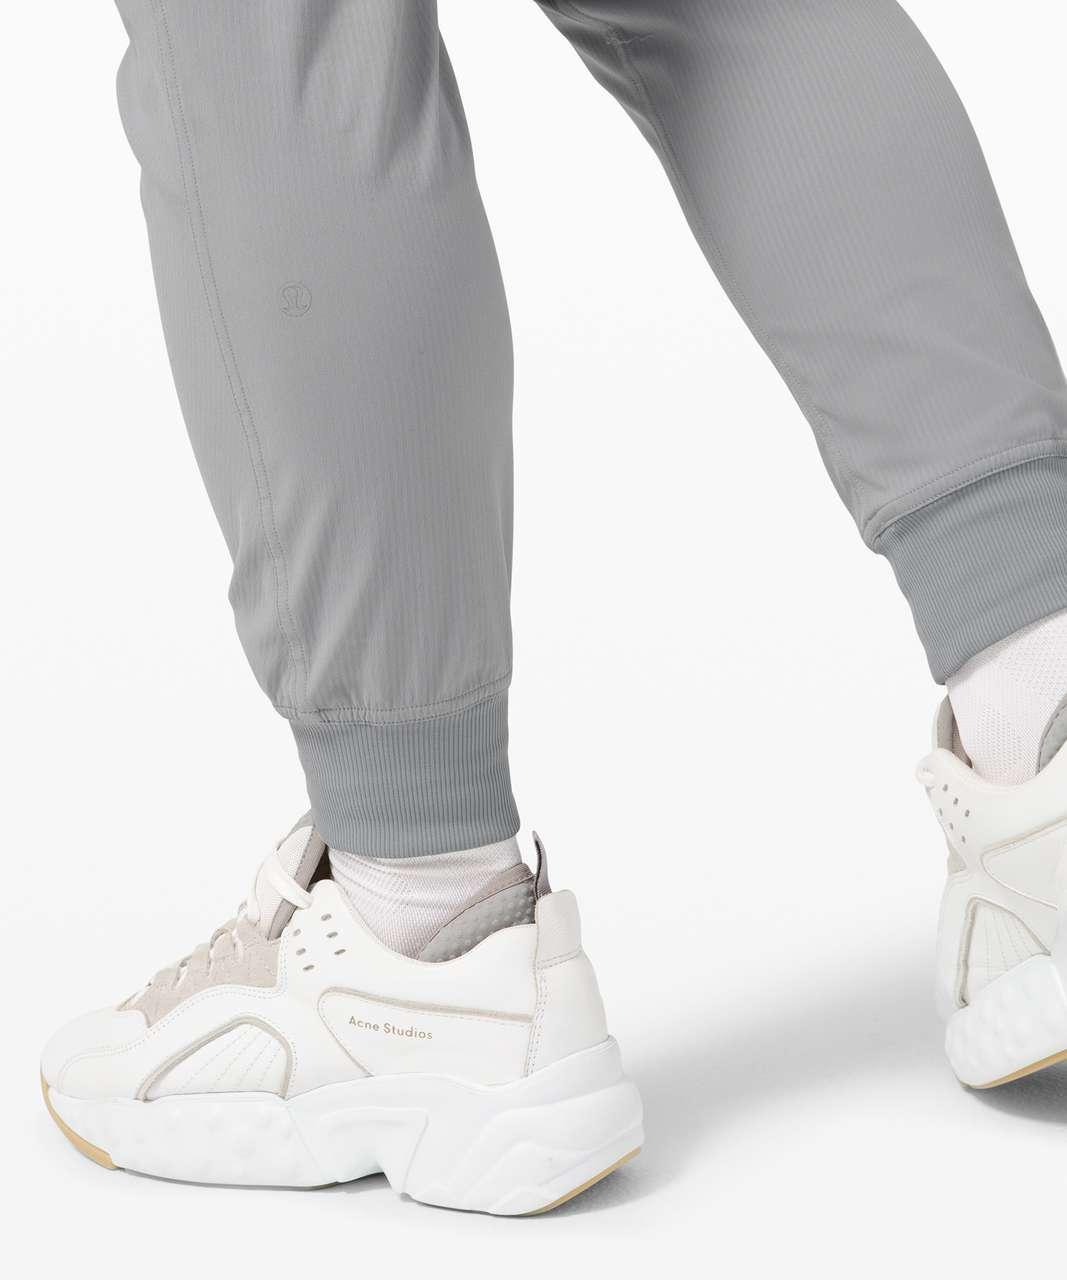 Lululemon Dance Studio Jogger - Rhino Grey